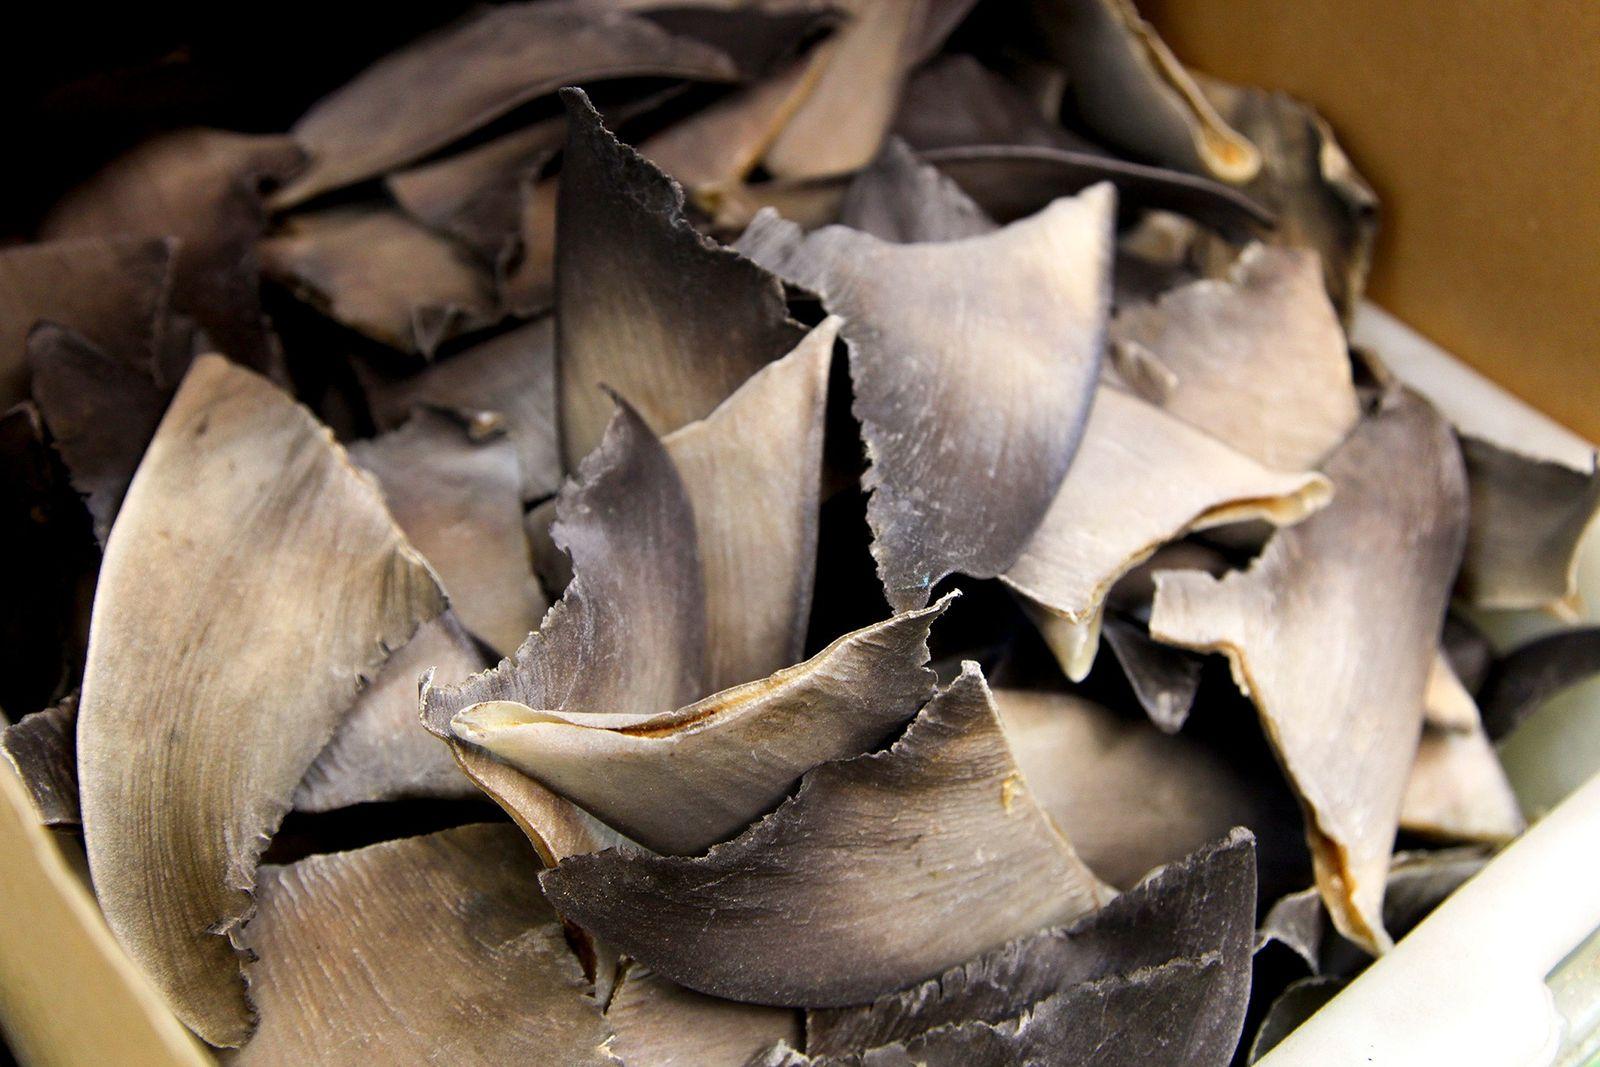 Les États-Unis seraient complices du trafic d'ailerons de requins à leur insu